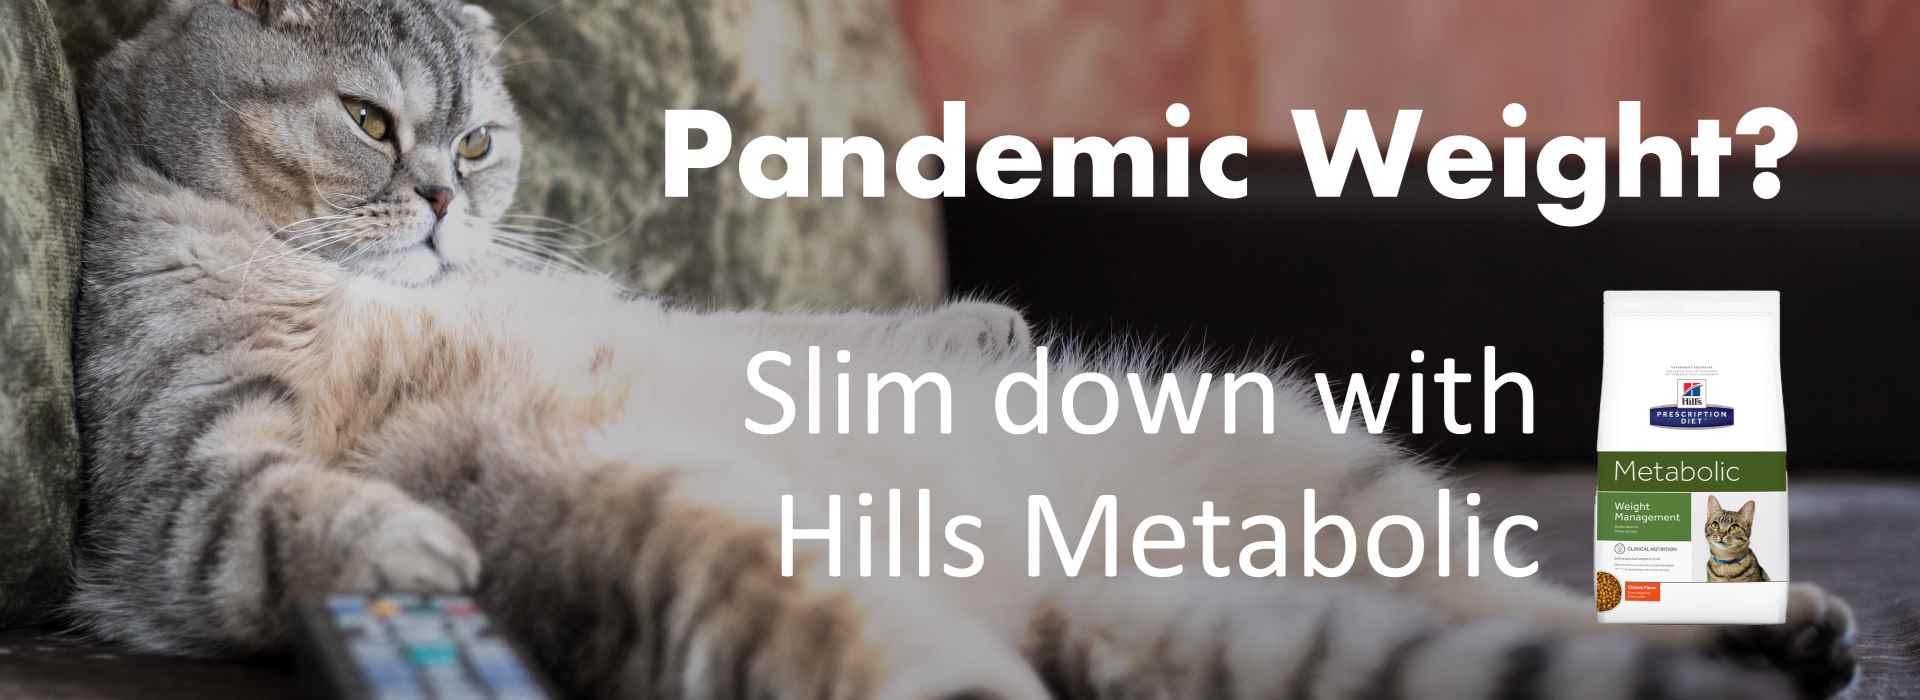 Feline Weight Management - Hills Metabolic